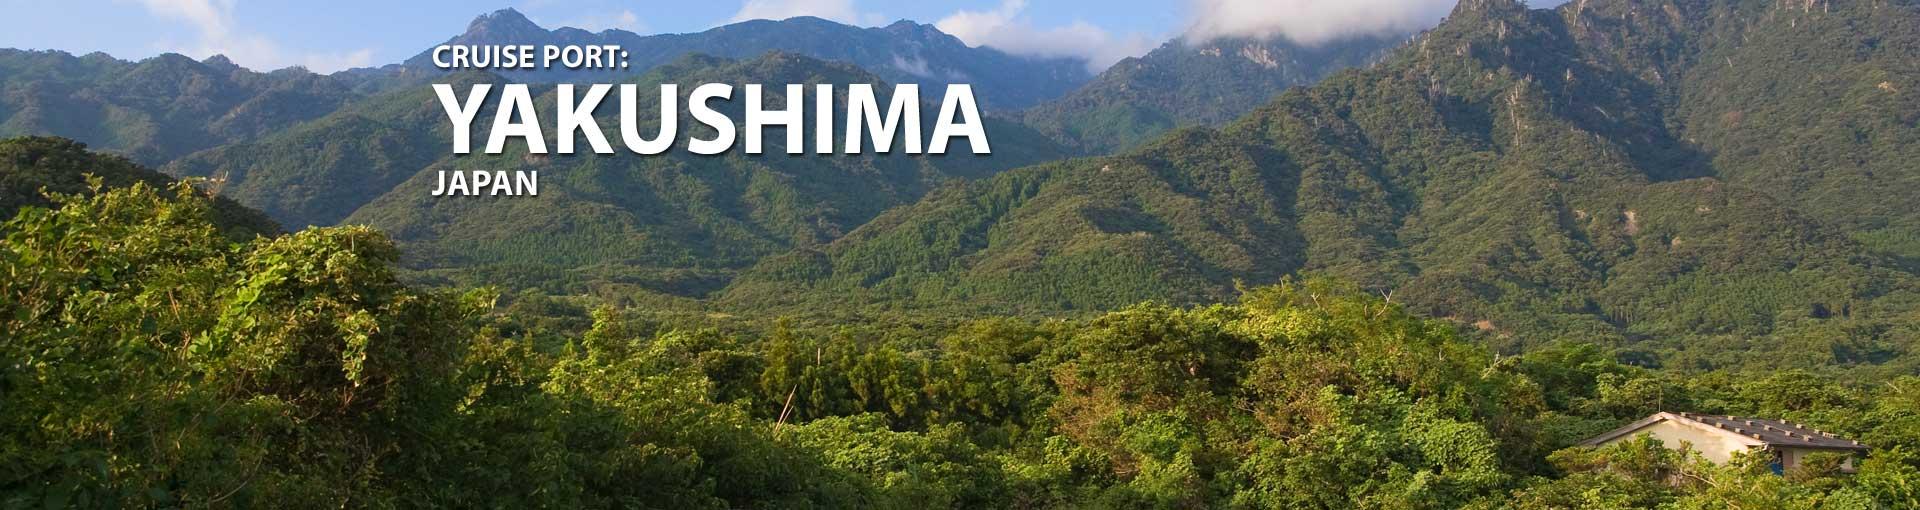 Cruises to Yakushima, Japan